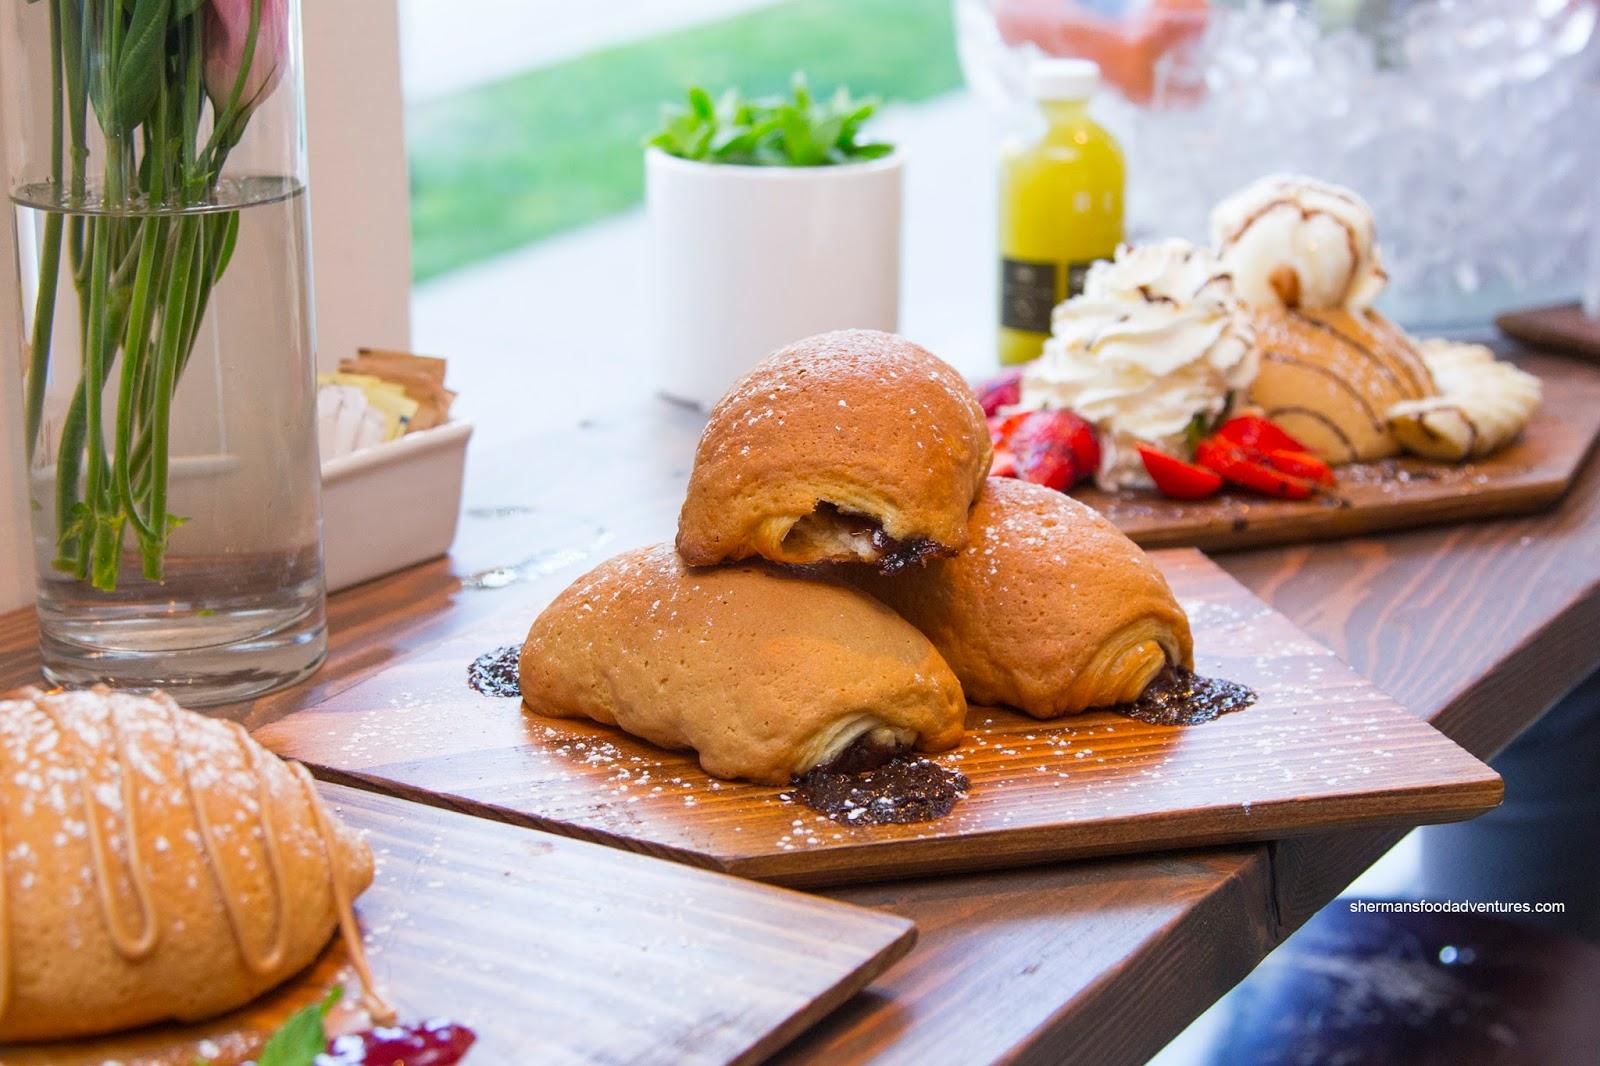 帕帕罗蒂面包店加盟连锁,多数人的创业选择!